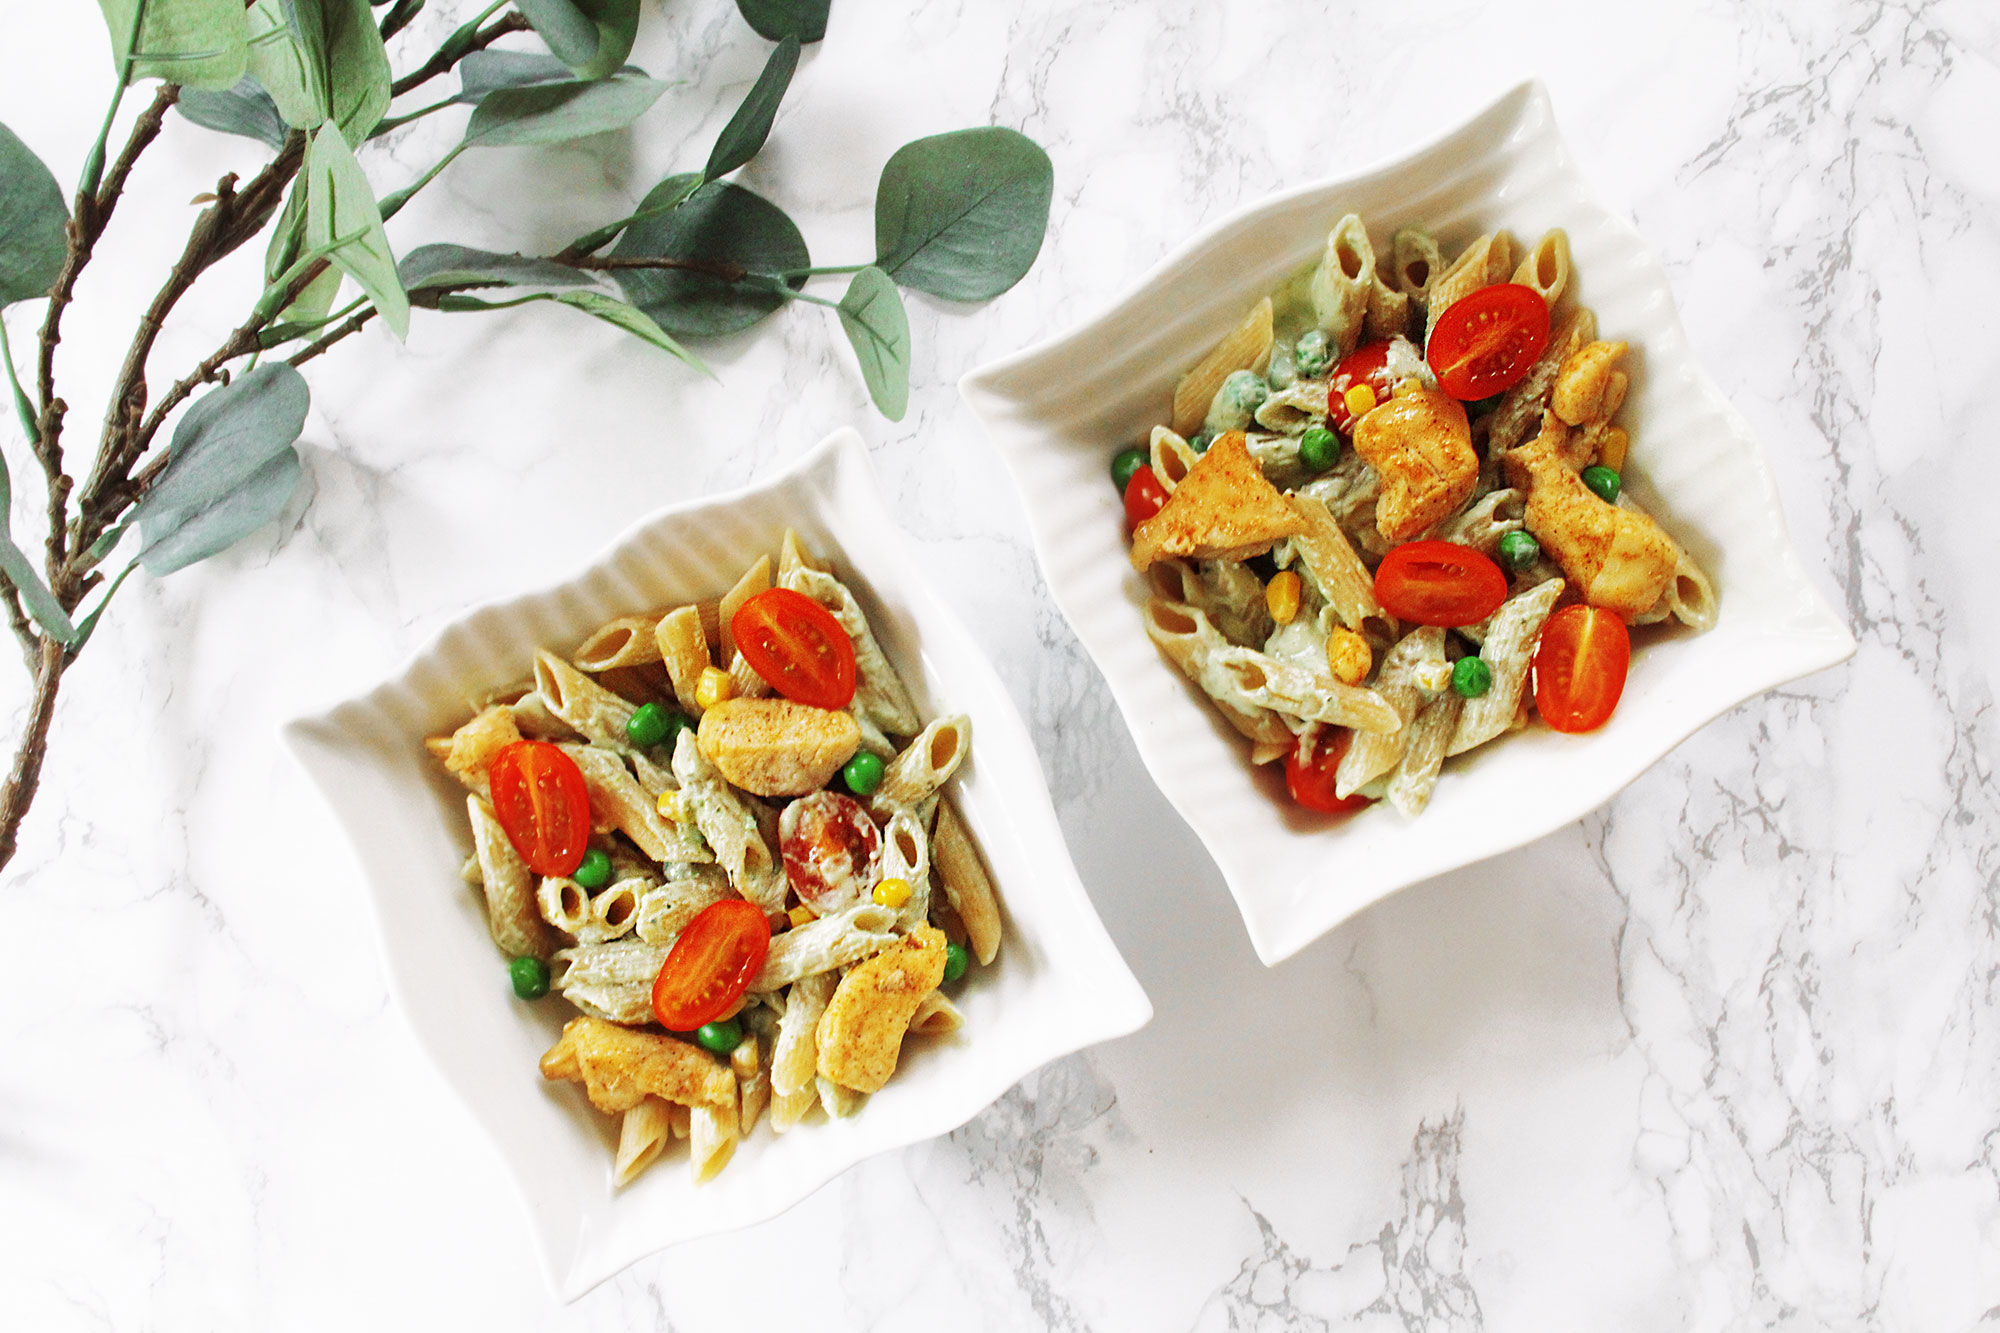 Tarjoiluehdotus: Kaksi neliönmuotoisissa lautasissa olevaa pasta-annosta, joissa koristeena kirsikkatomaatin puolikkaita.